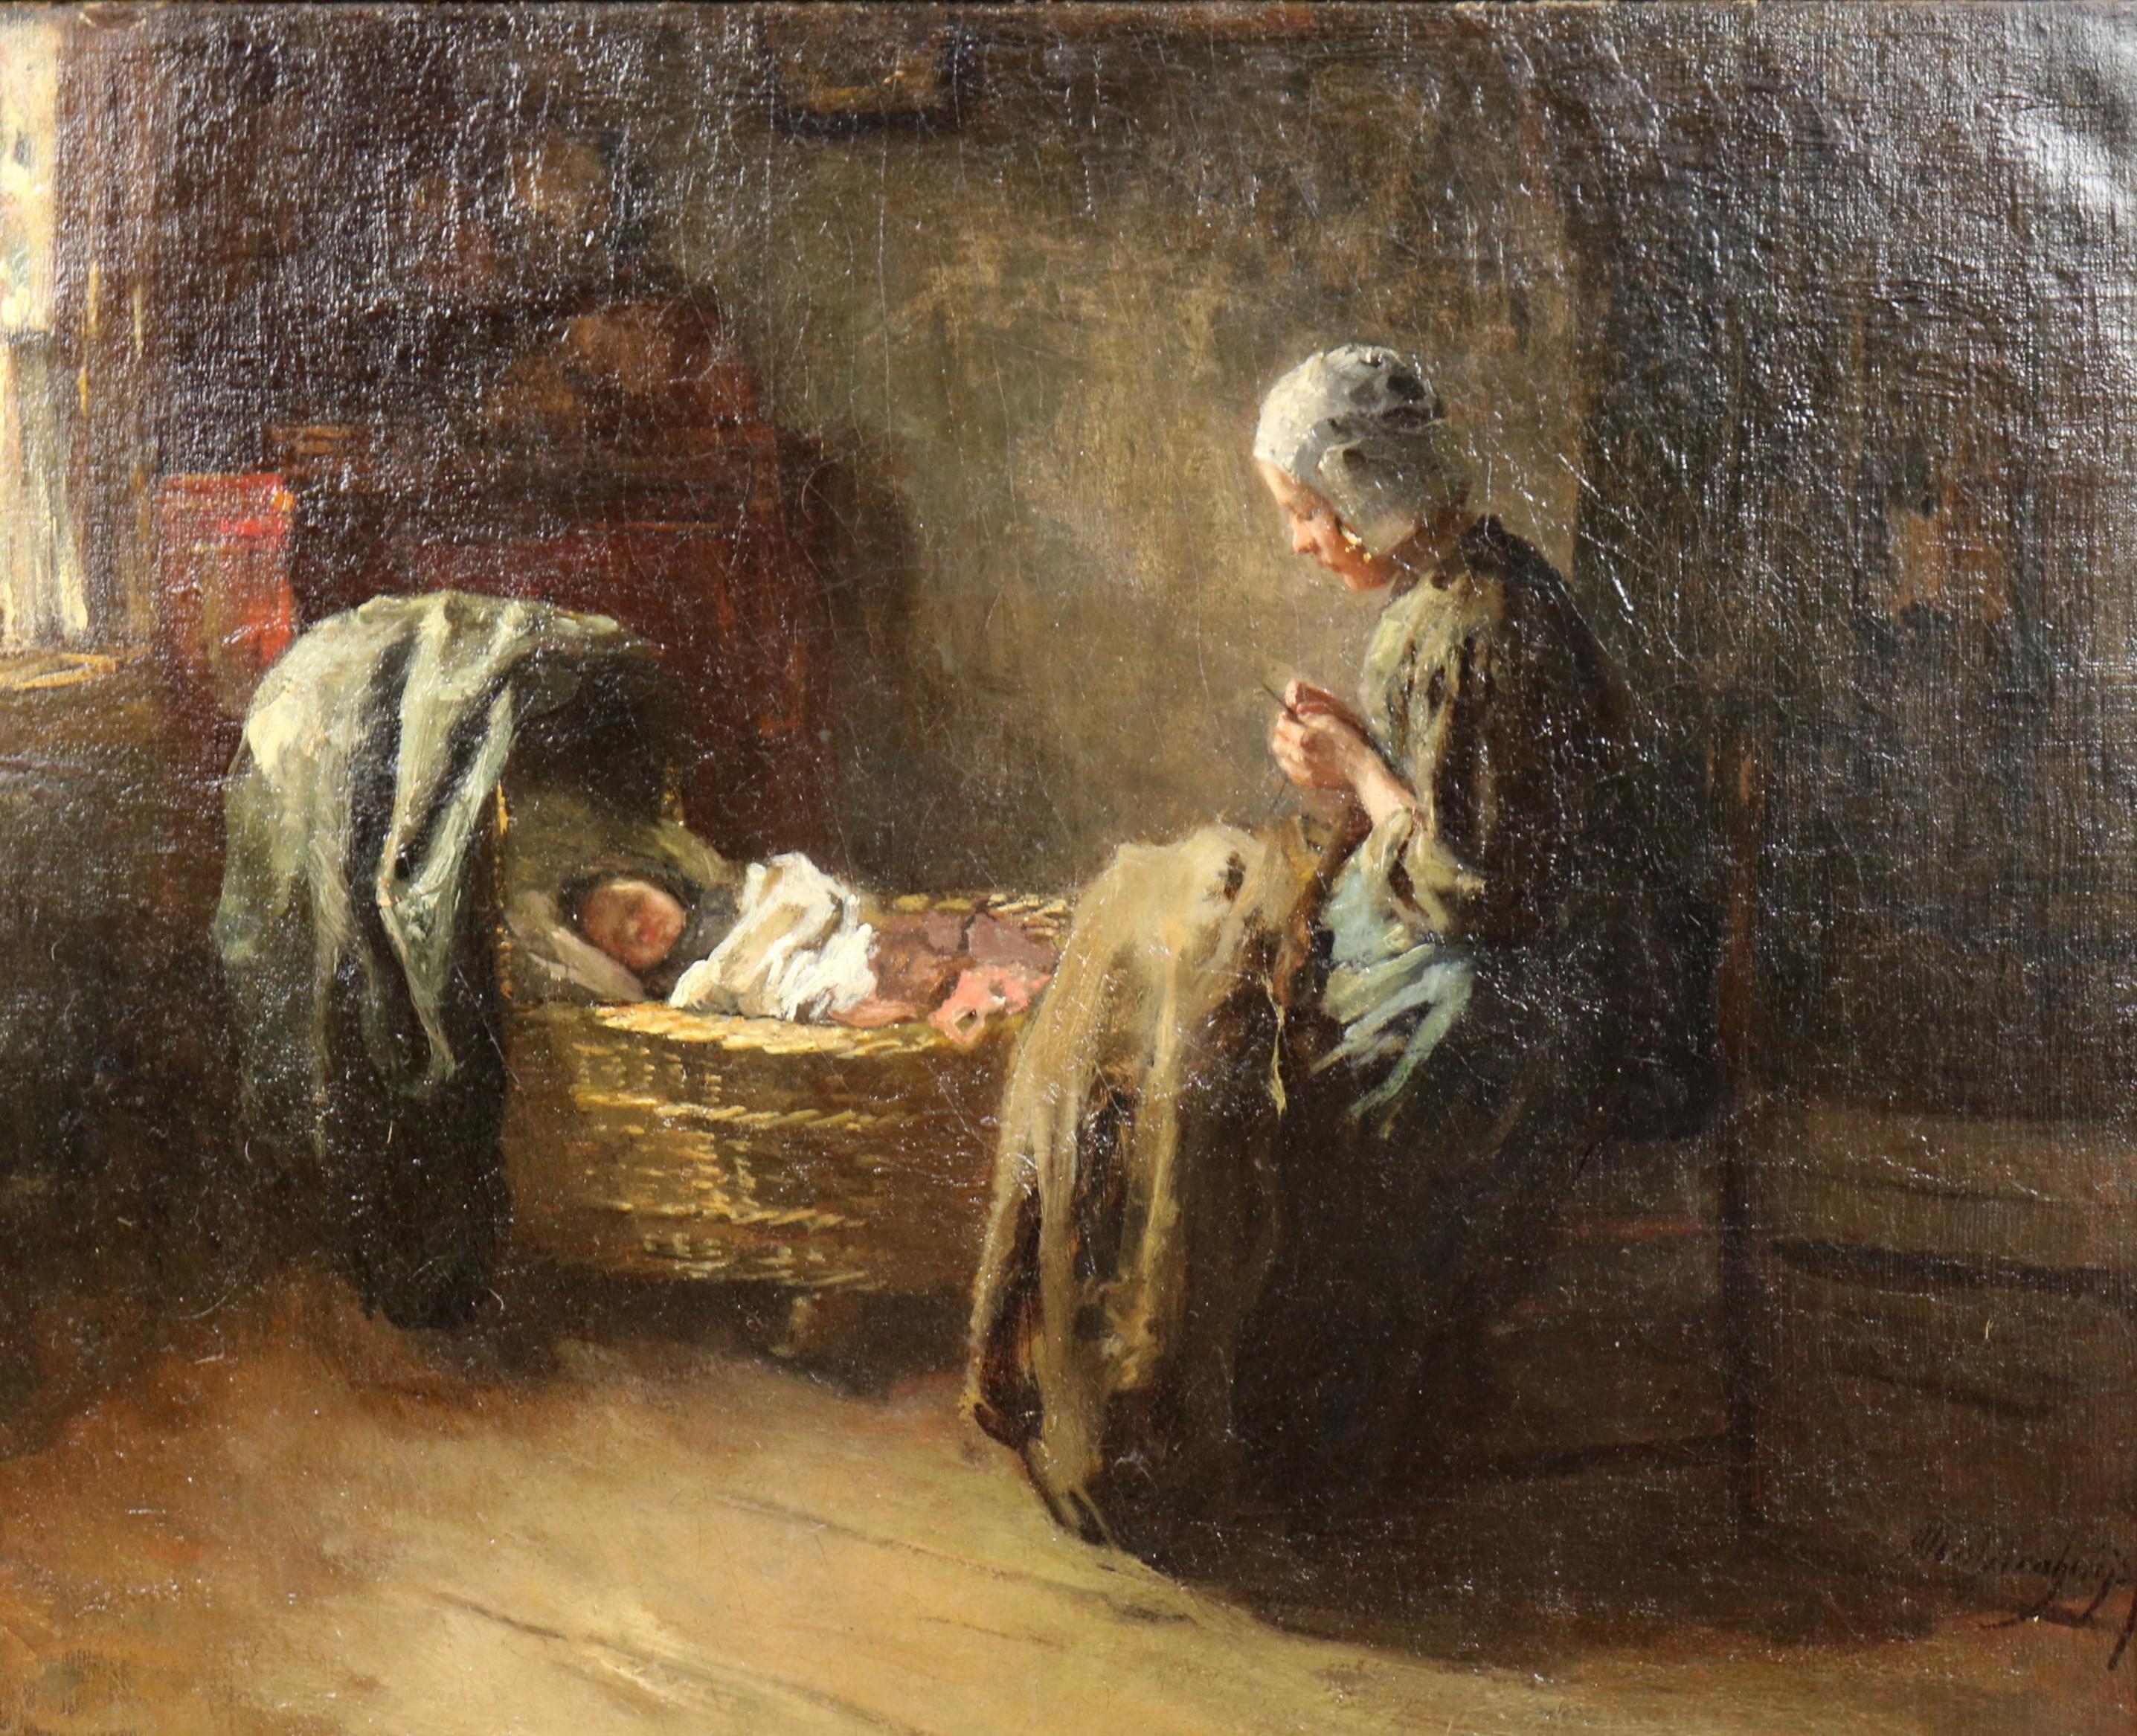 Binnenhuis met jonge moeder en een kind in de wieg